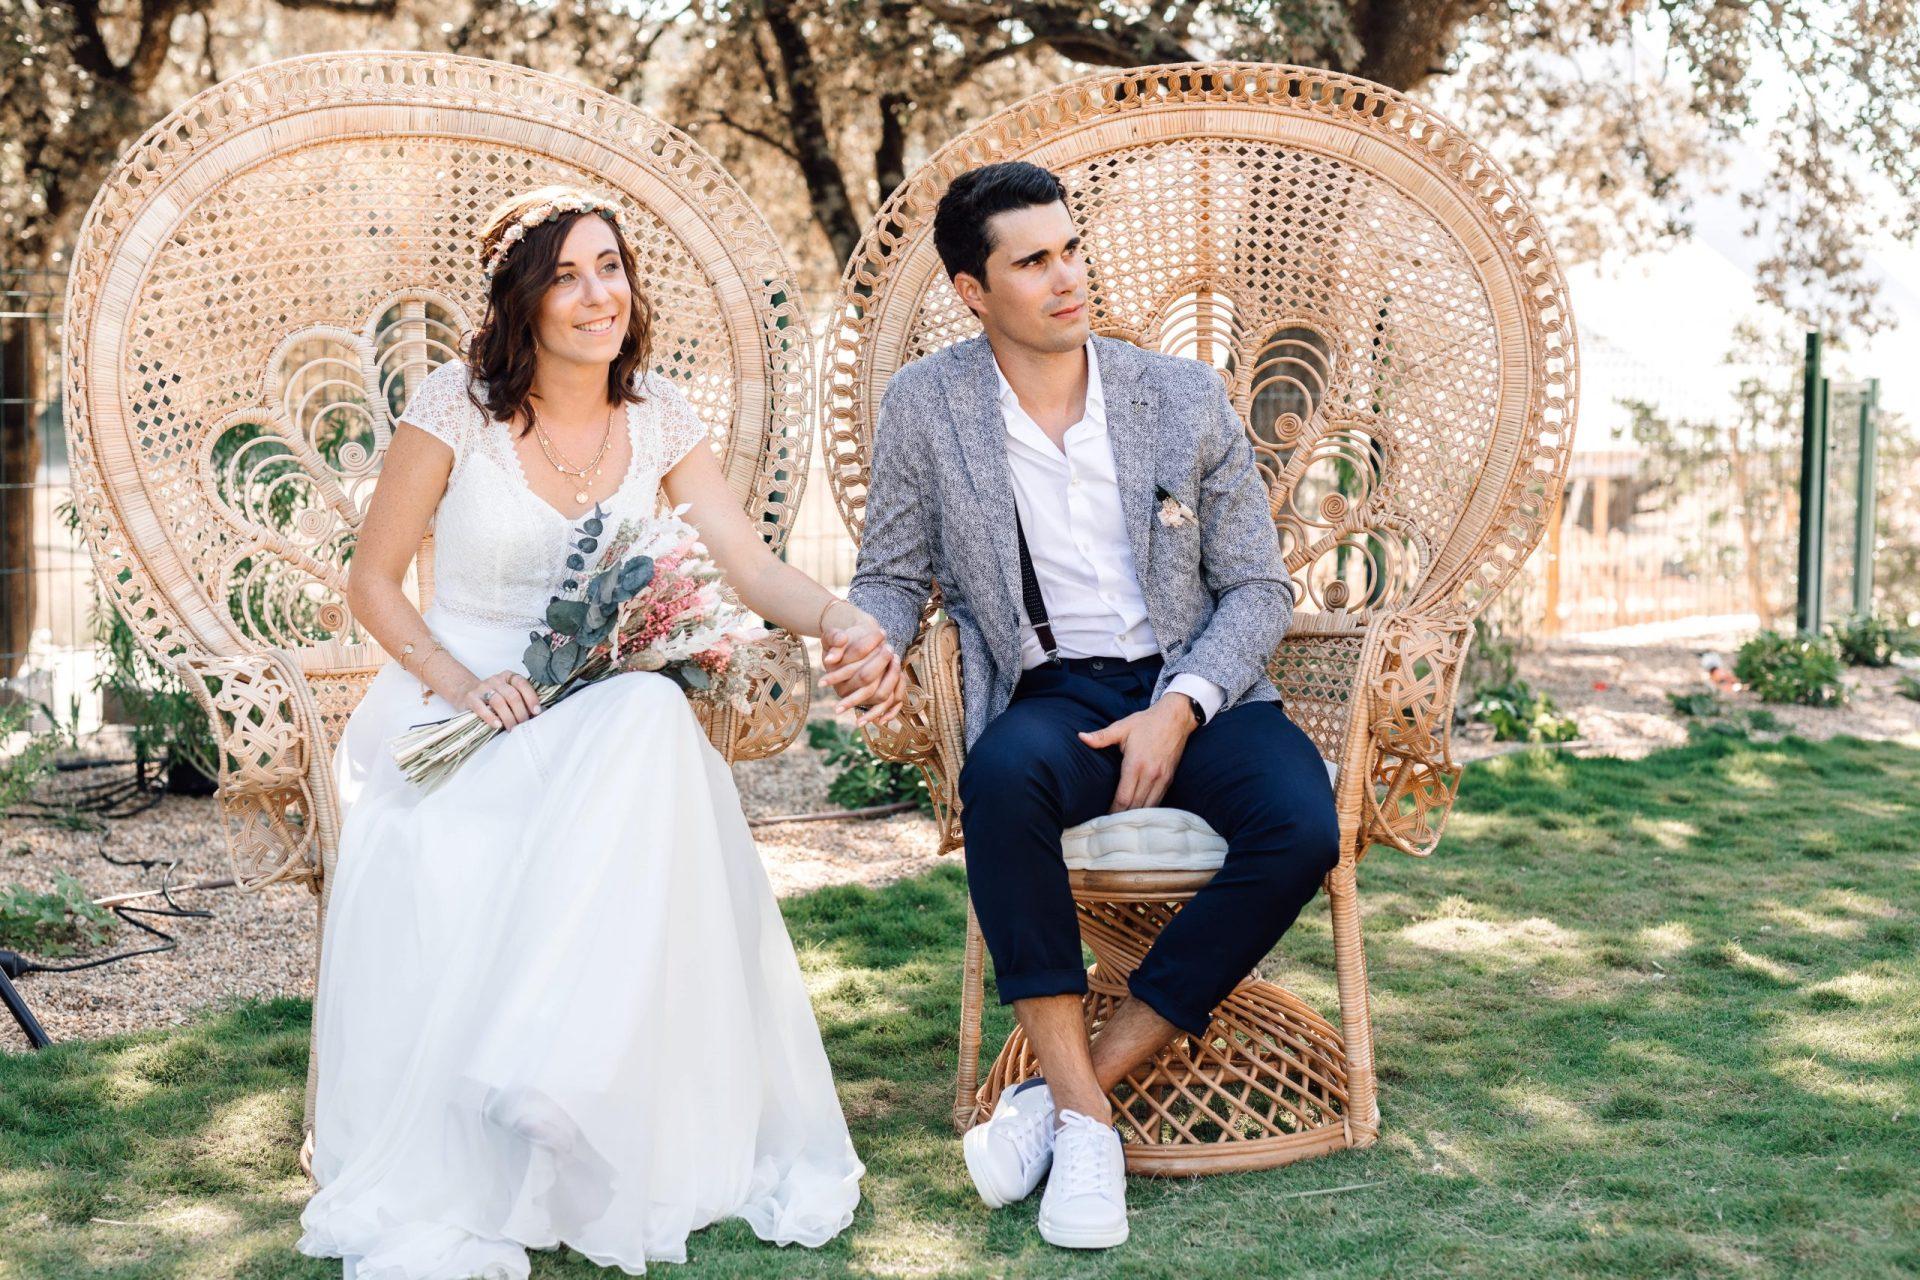 cérémonie fauteuil Emmanuelle location décoration mariage sud de France